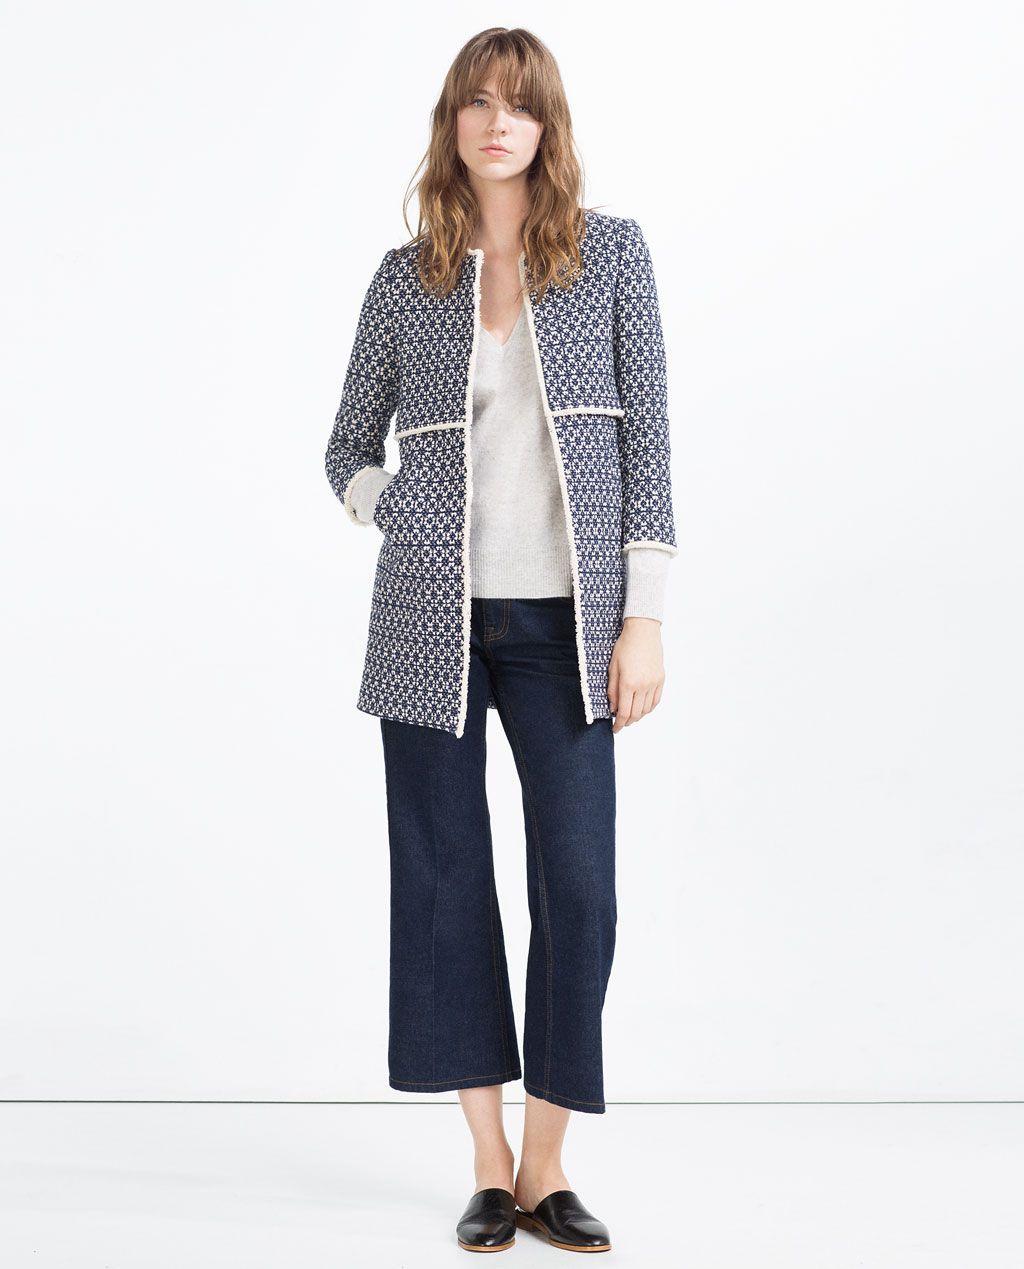 cbfe3a5d46650f Bild 1 von BEDRUCKTER MANTEL von Zara | Mode | Zara mäntel, Zara und ...